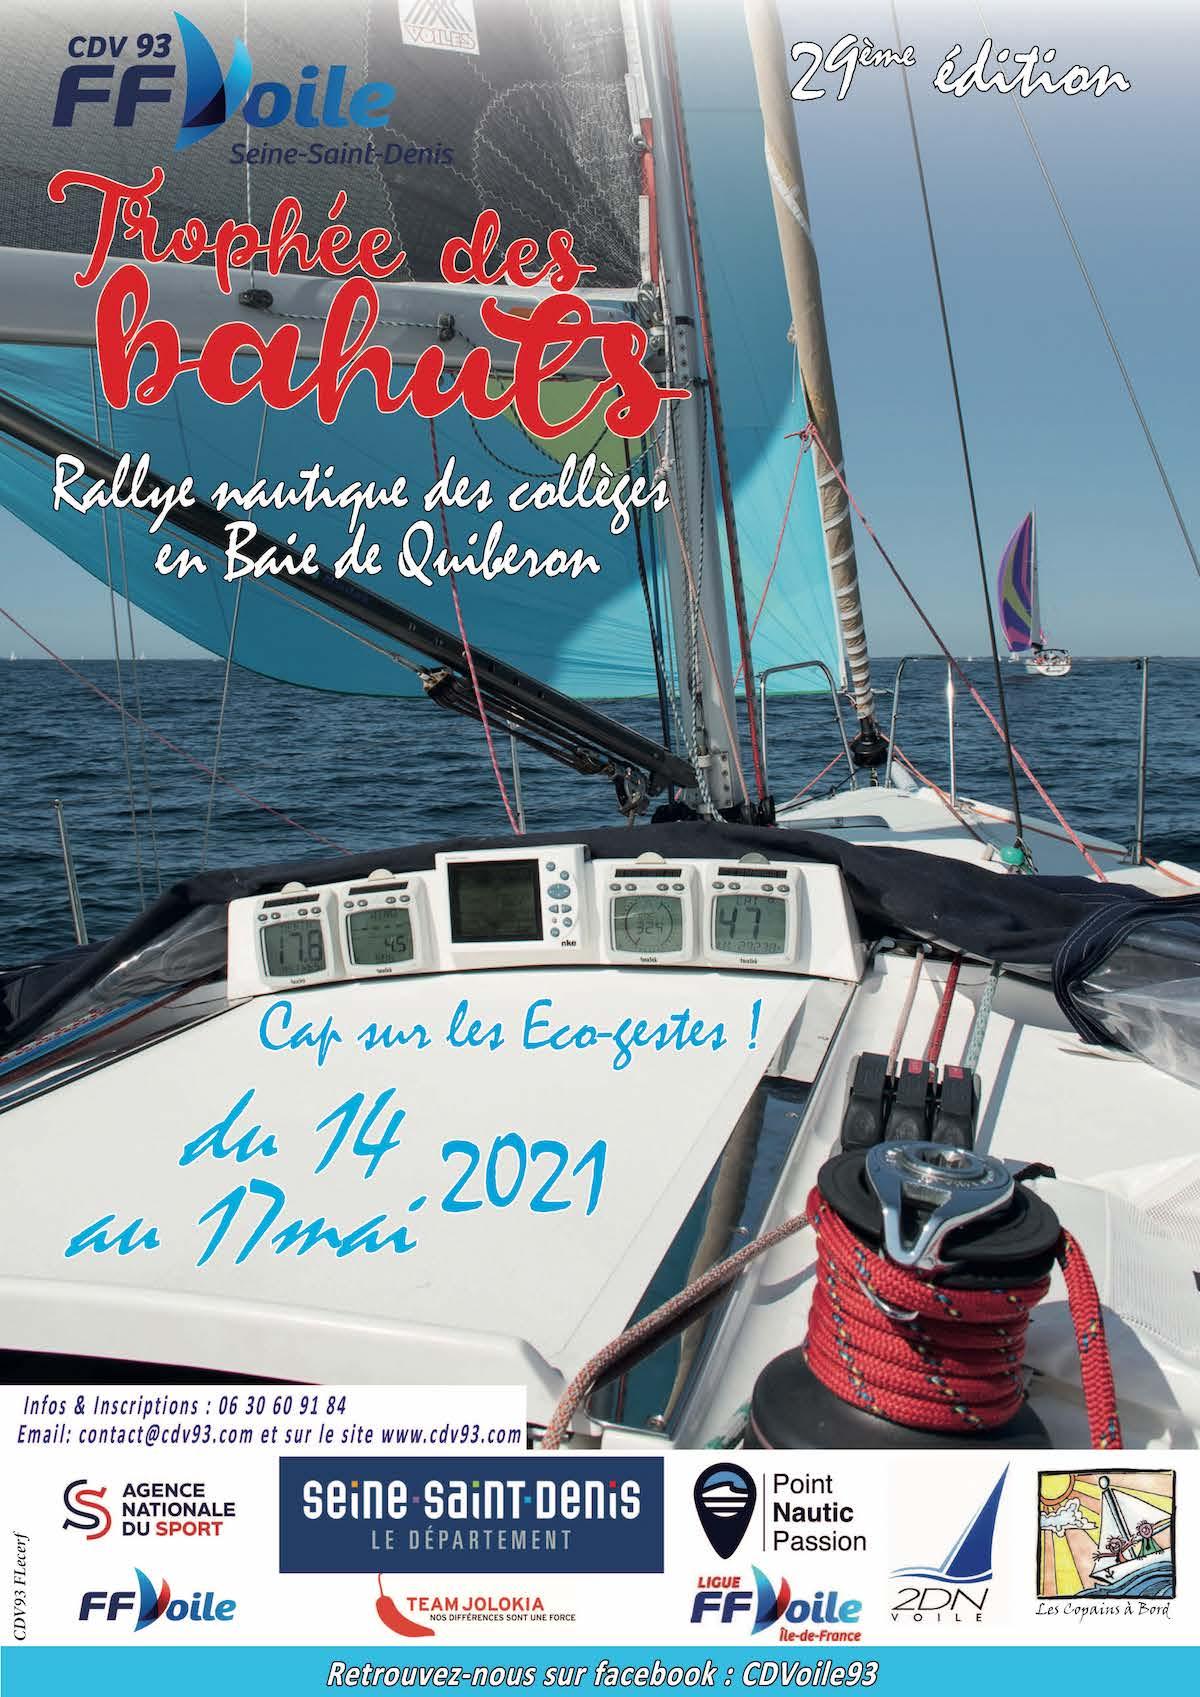 TROPHÉE DES BAHUTS | Rallye Régate des collèges | Cap sur les Éco-gestes ! | Du 13 au 16 mai 2022